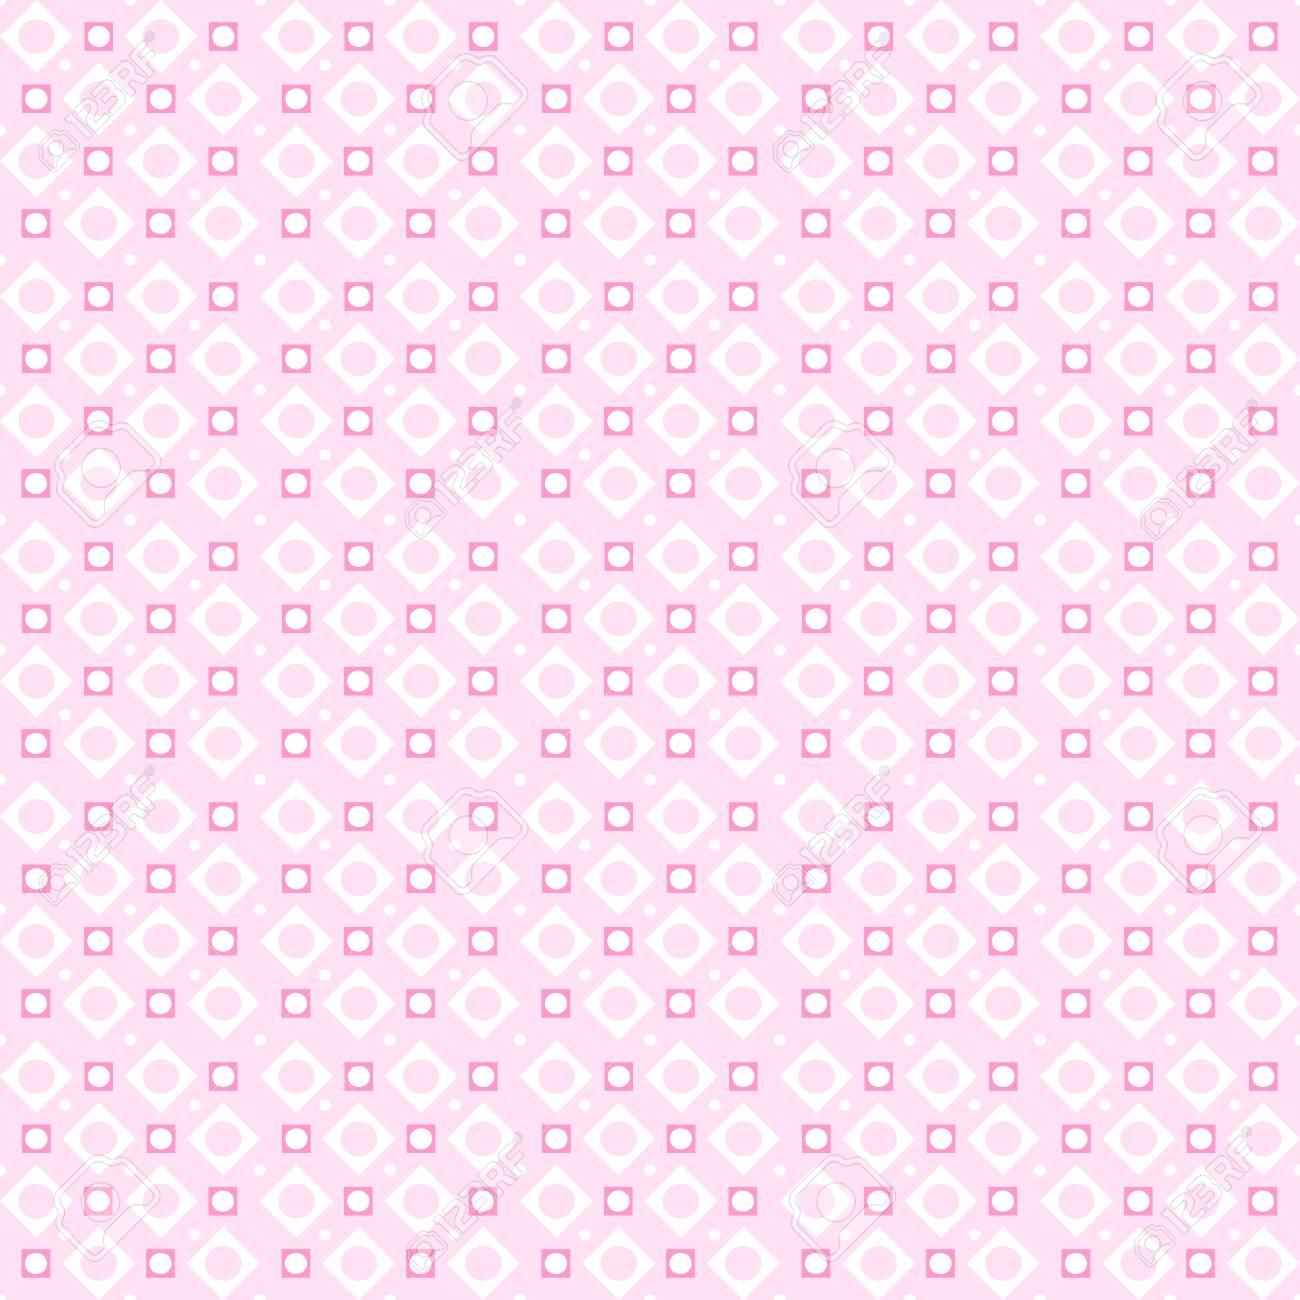 かわいいピンクのベクターのシームレスなパターン 壁紙 塗りつぶし